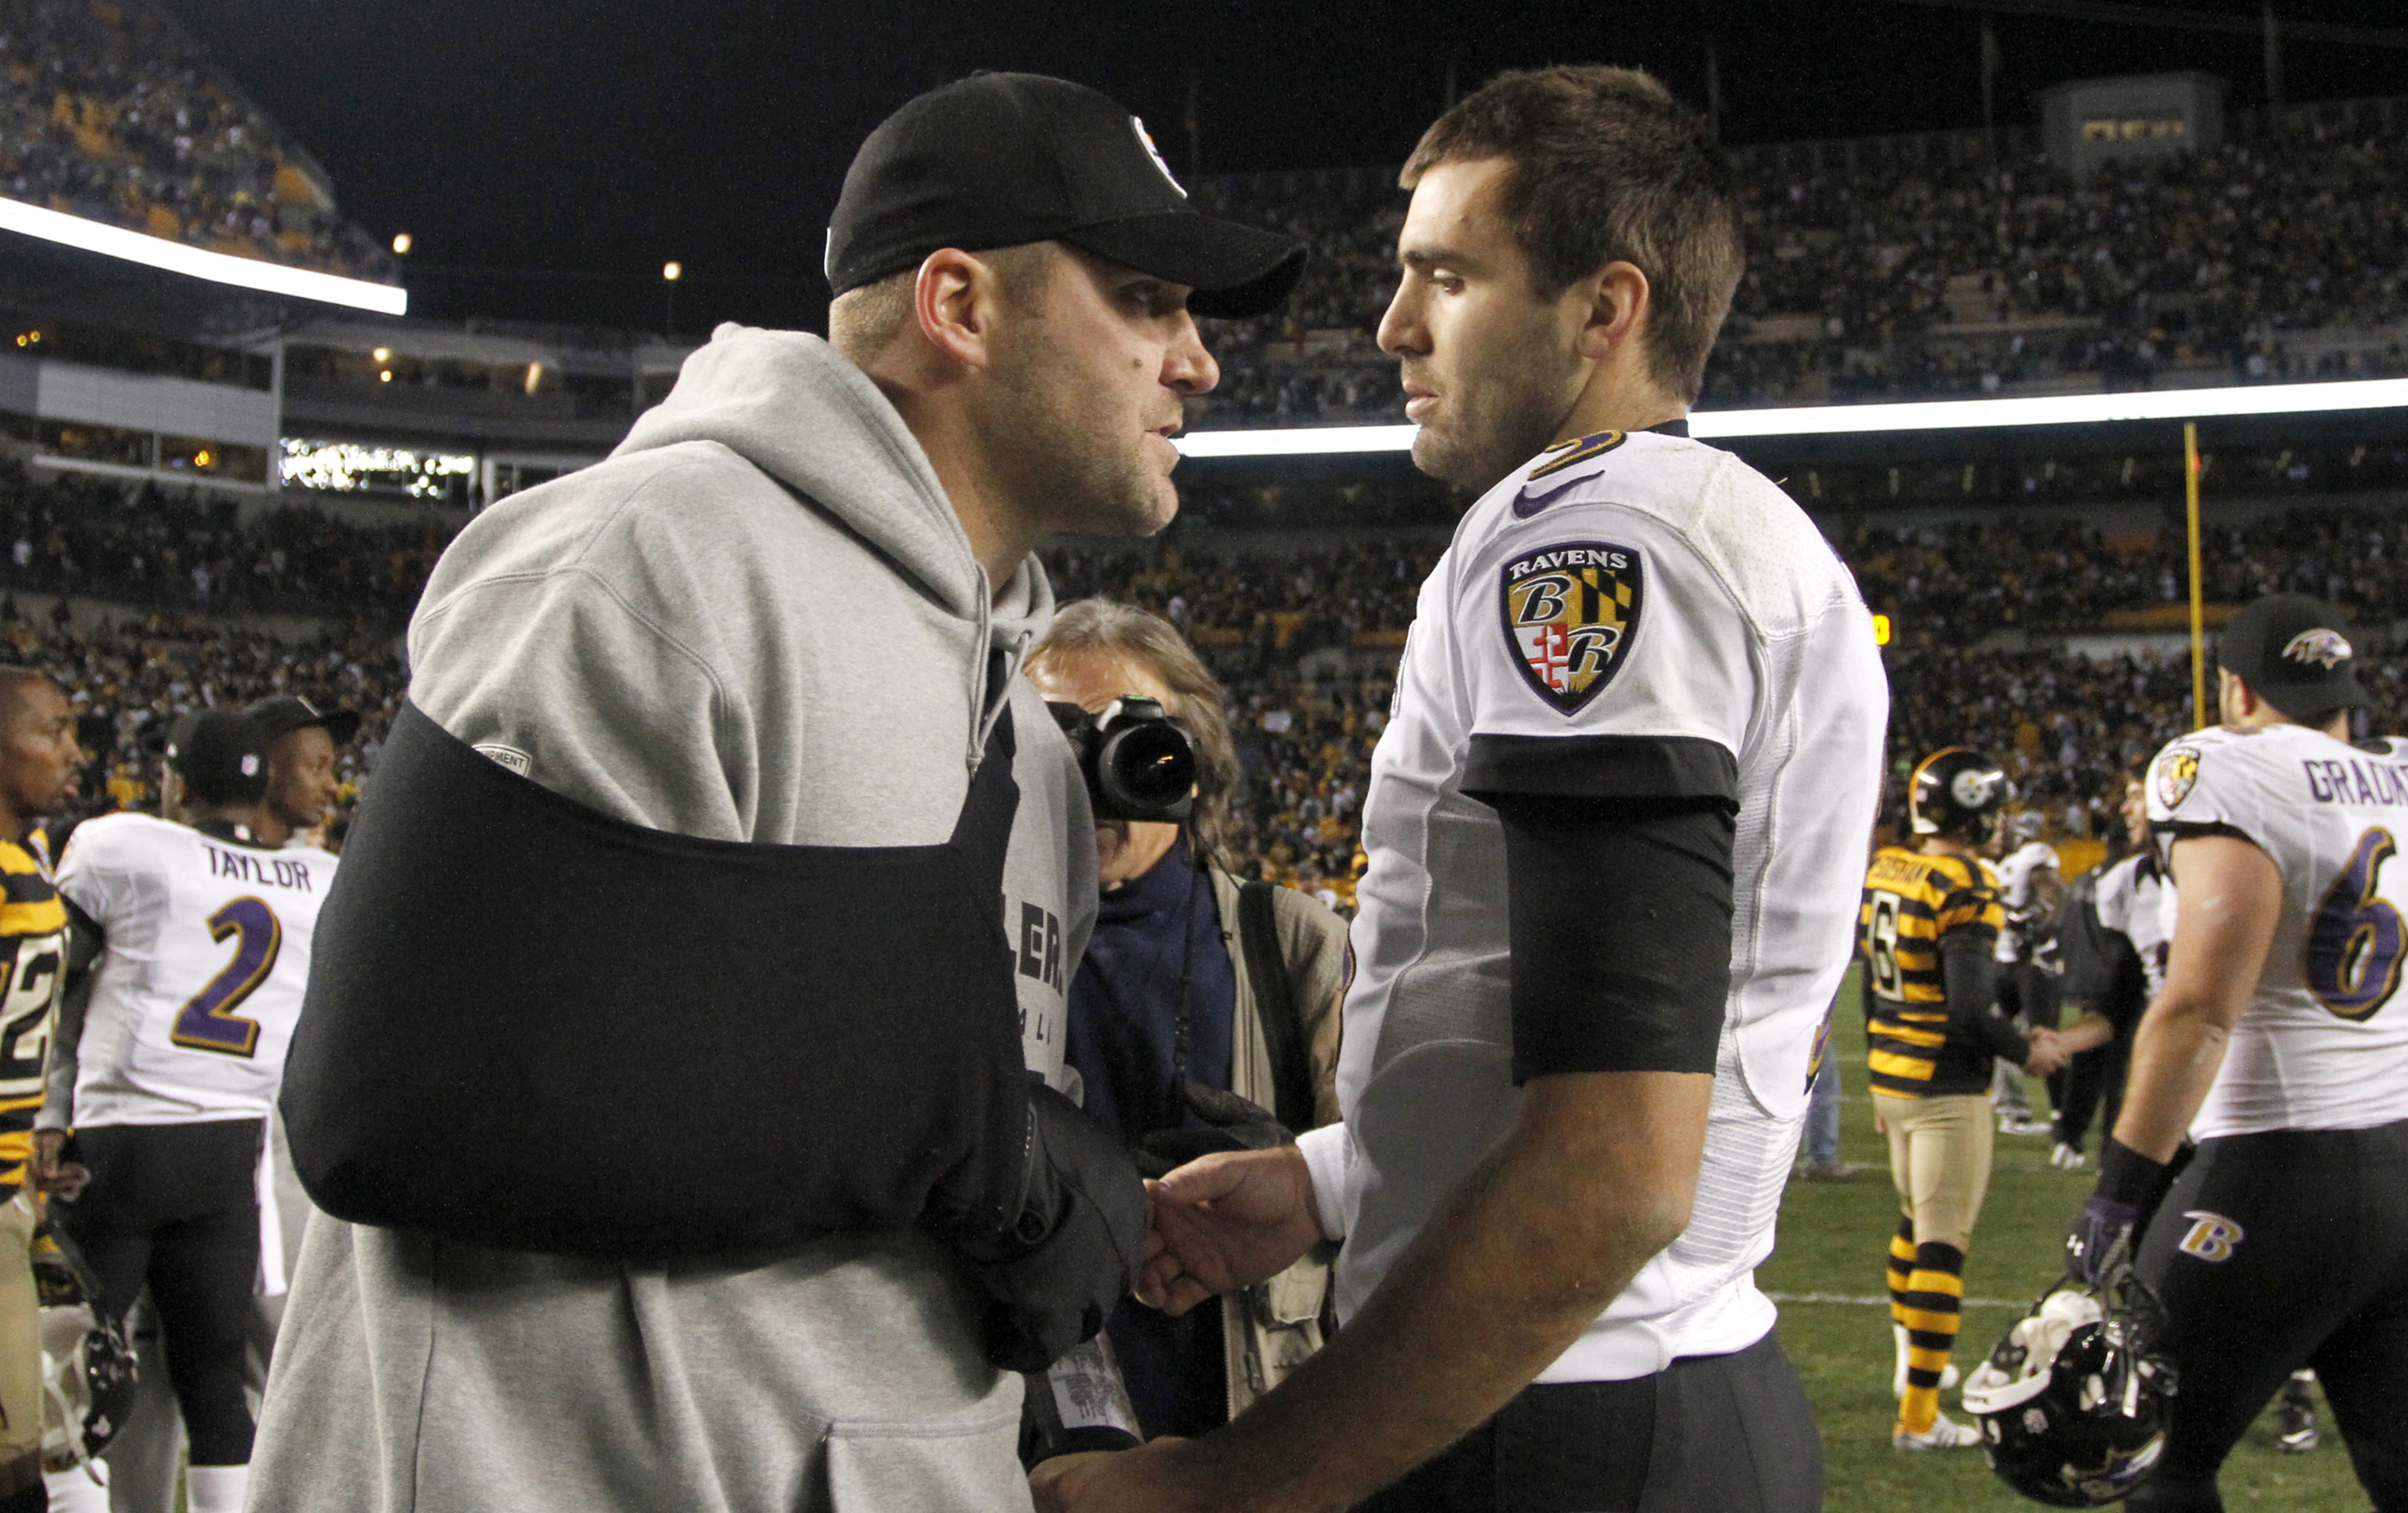 """""""This Wildcat thing sucks, Ben."""" """"I hear ya, Joe."""""""